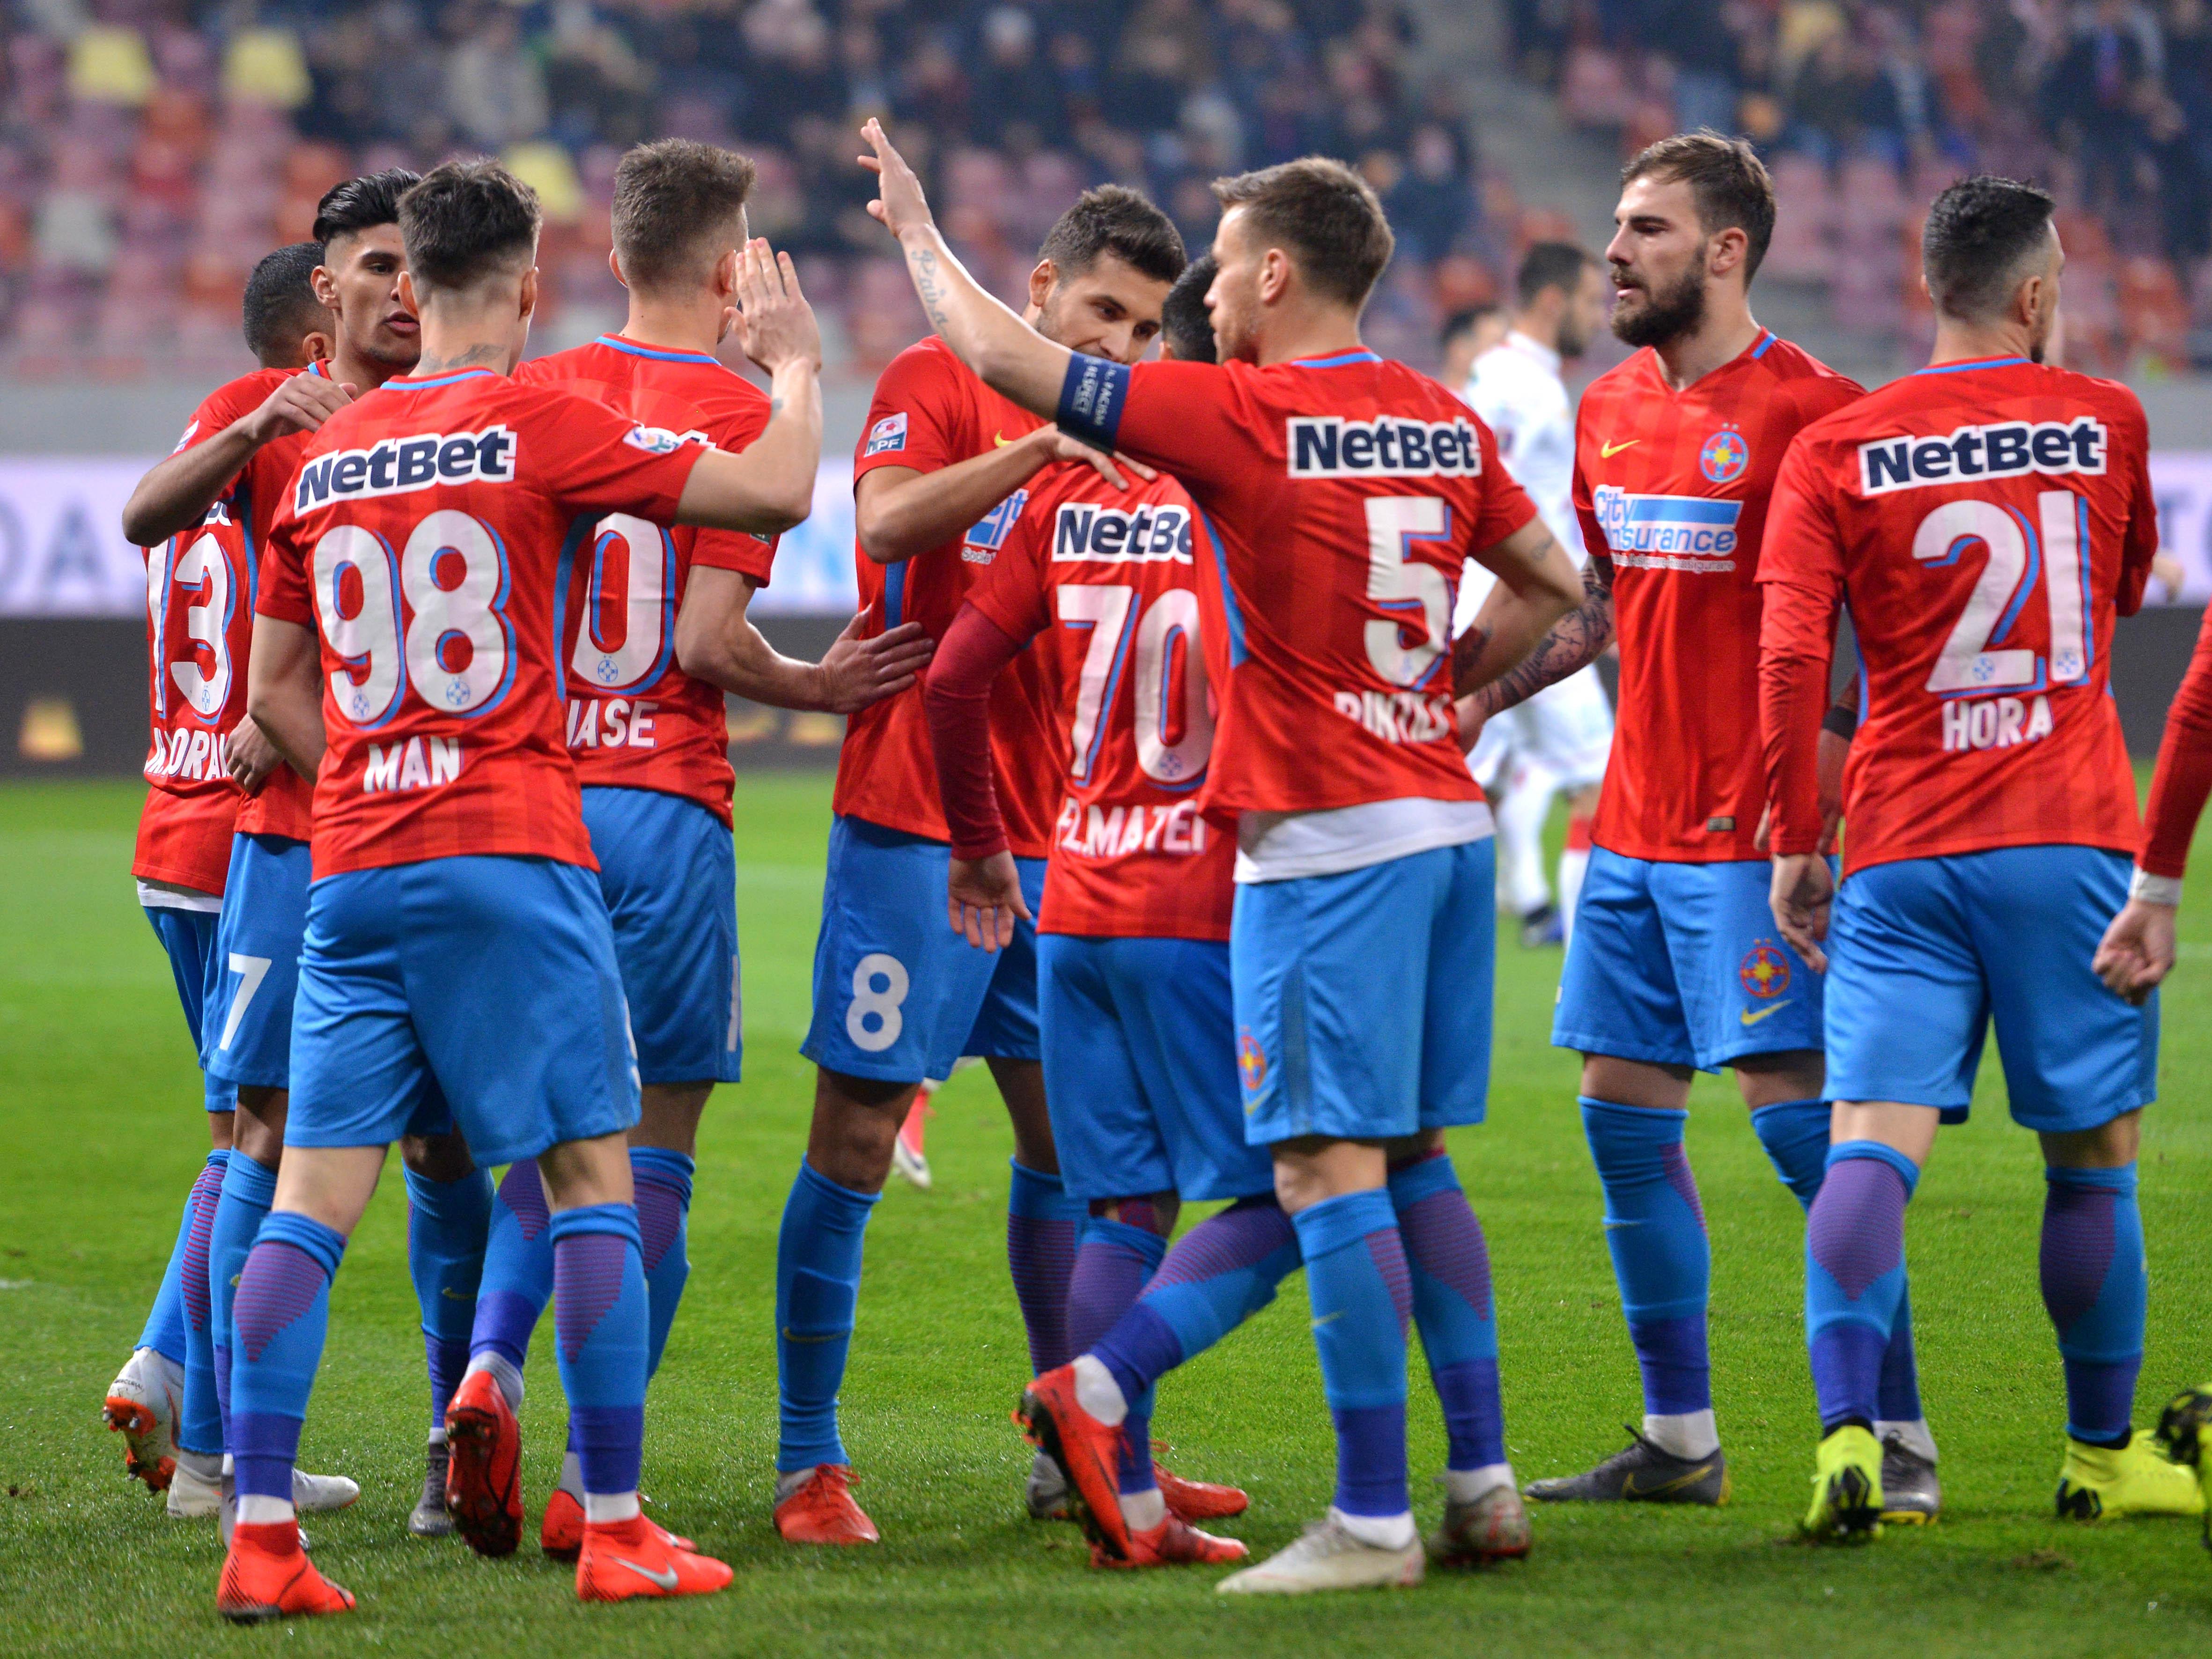 Bucuria jucătorilor de la FCSB după un gol înscris în meciul jucat împotriva celor de la Hermannstadt. Sursă foto: sportpictures.eu